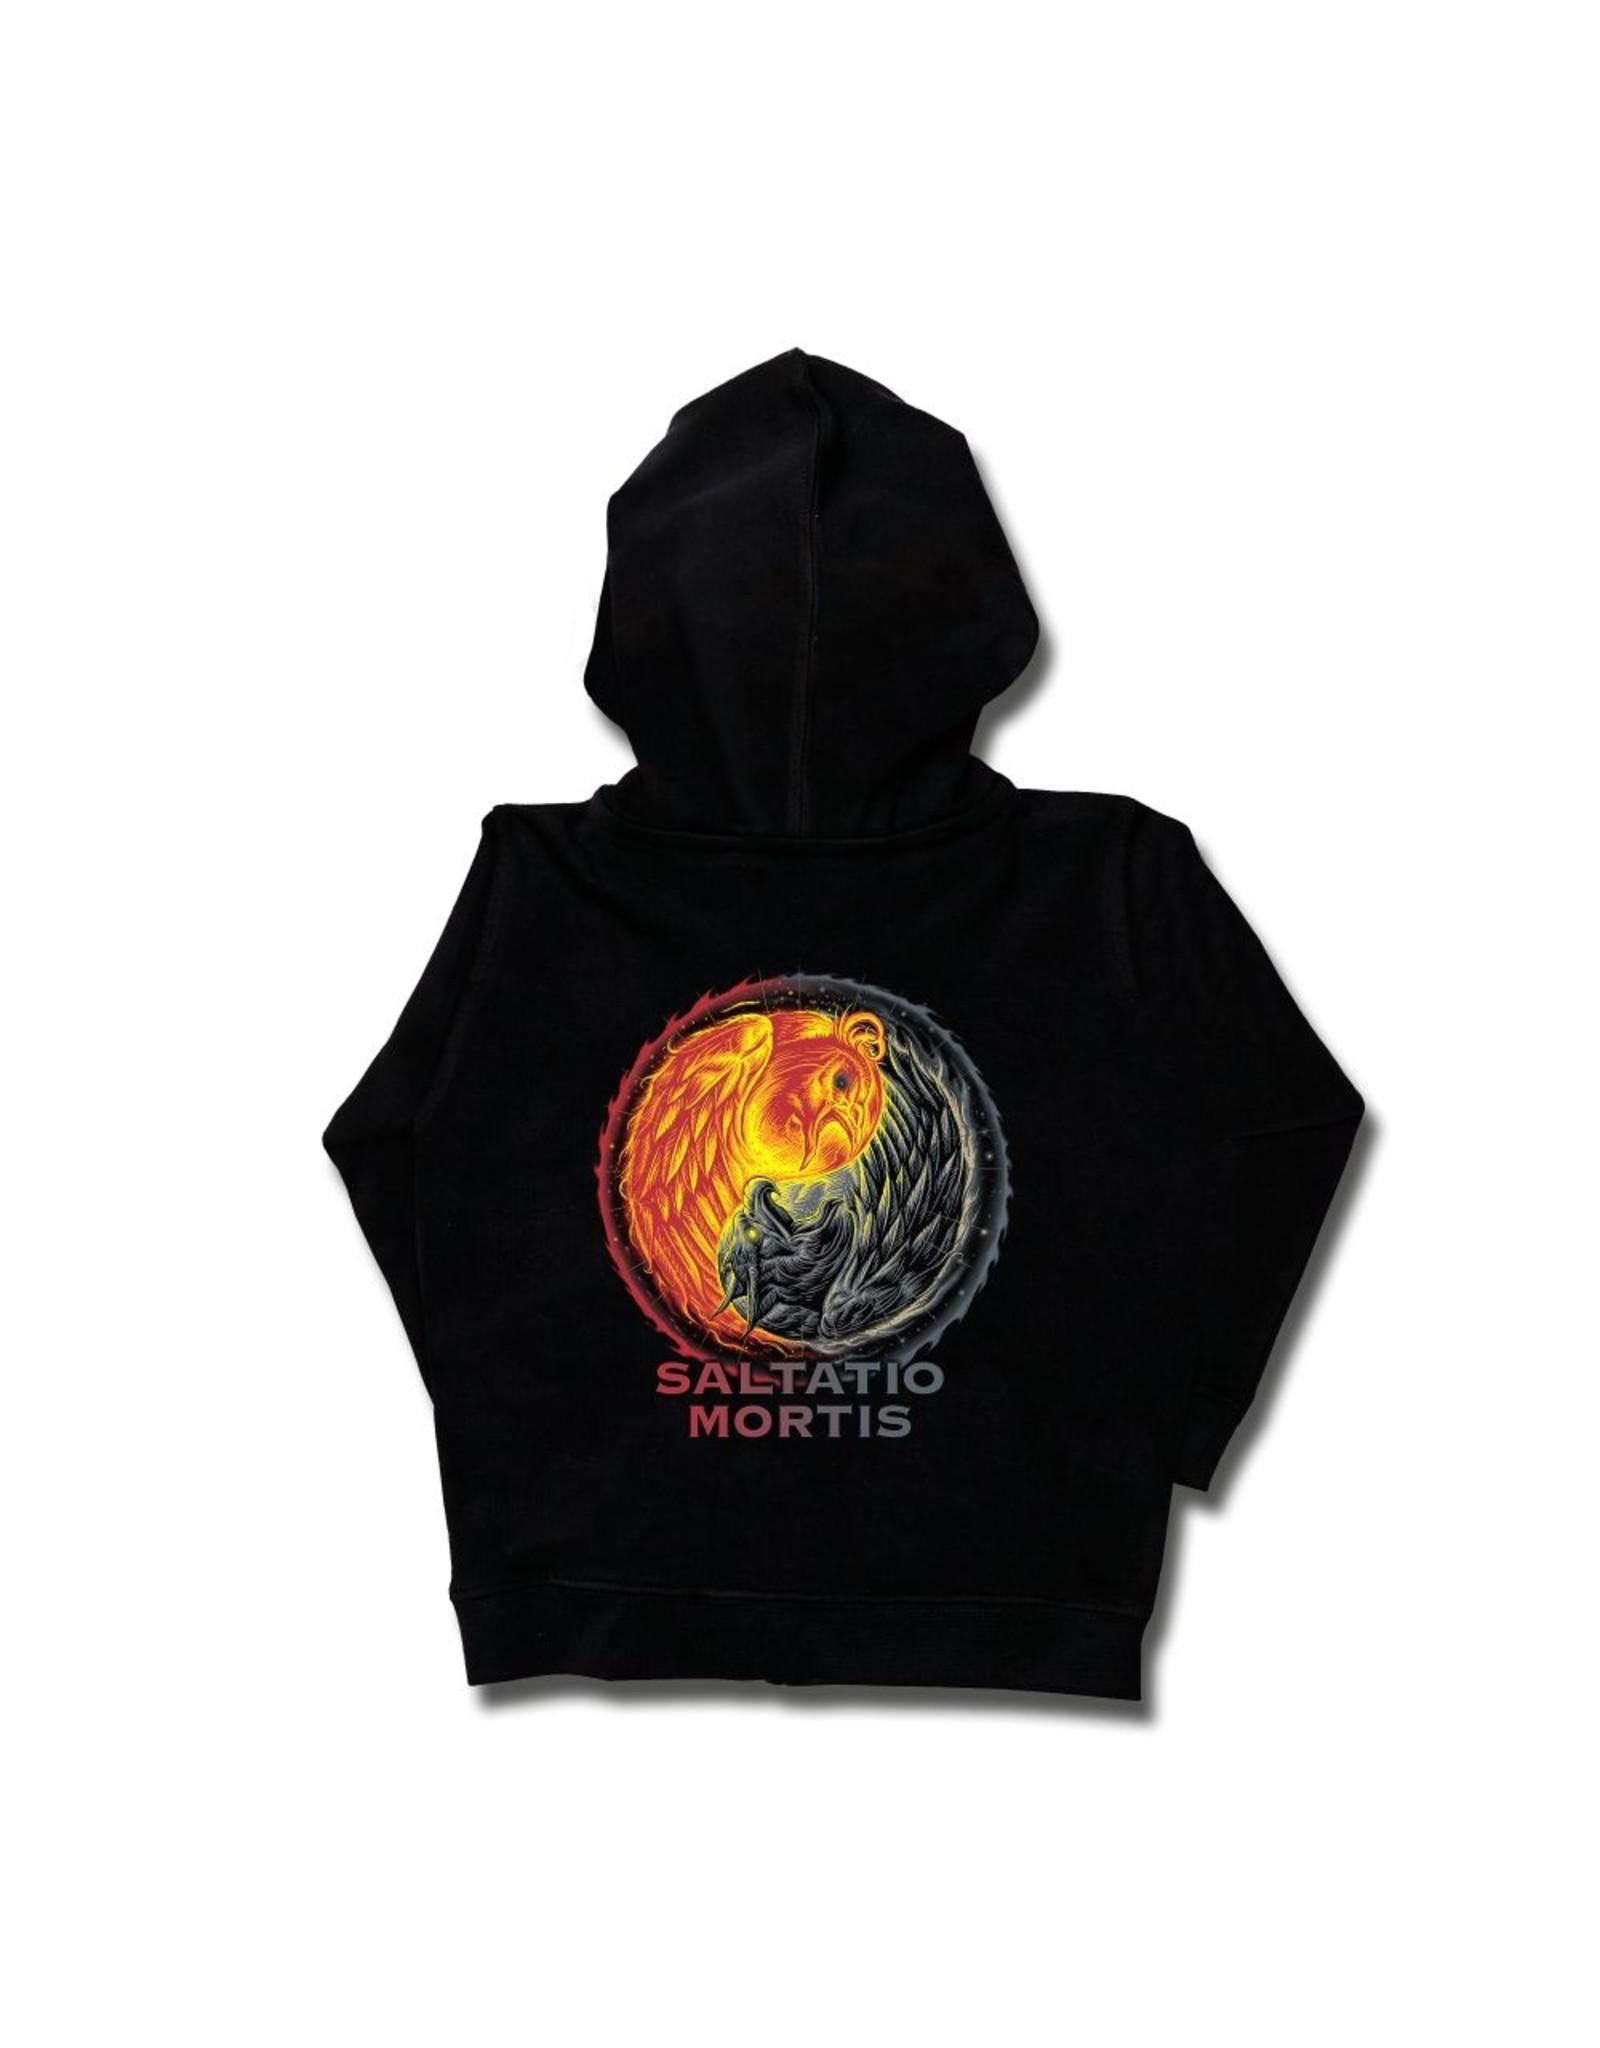 Metal Kid Saltatio Mortis (Yin & Yang) - Kids Kapuzenjacke